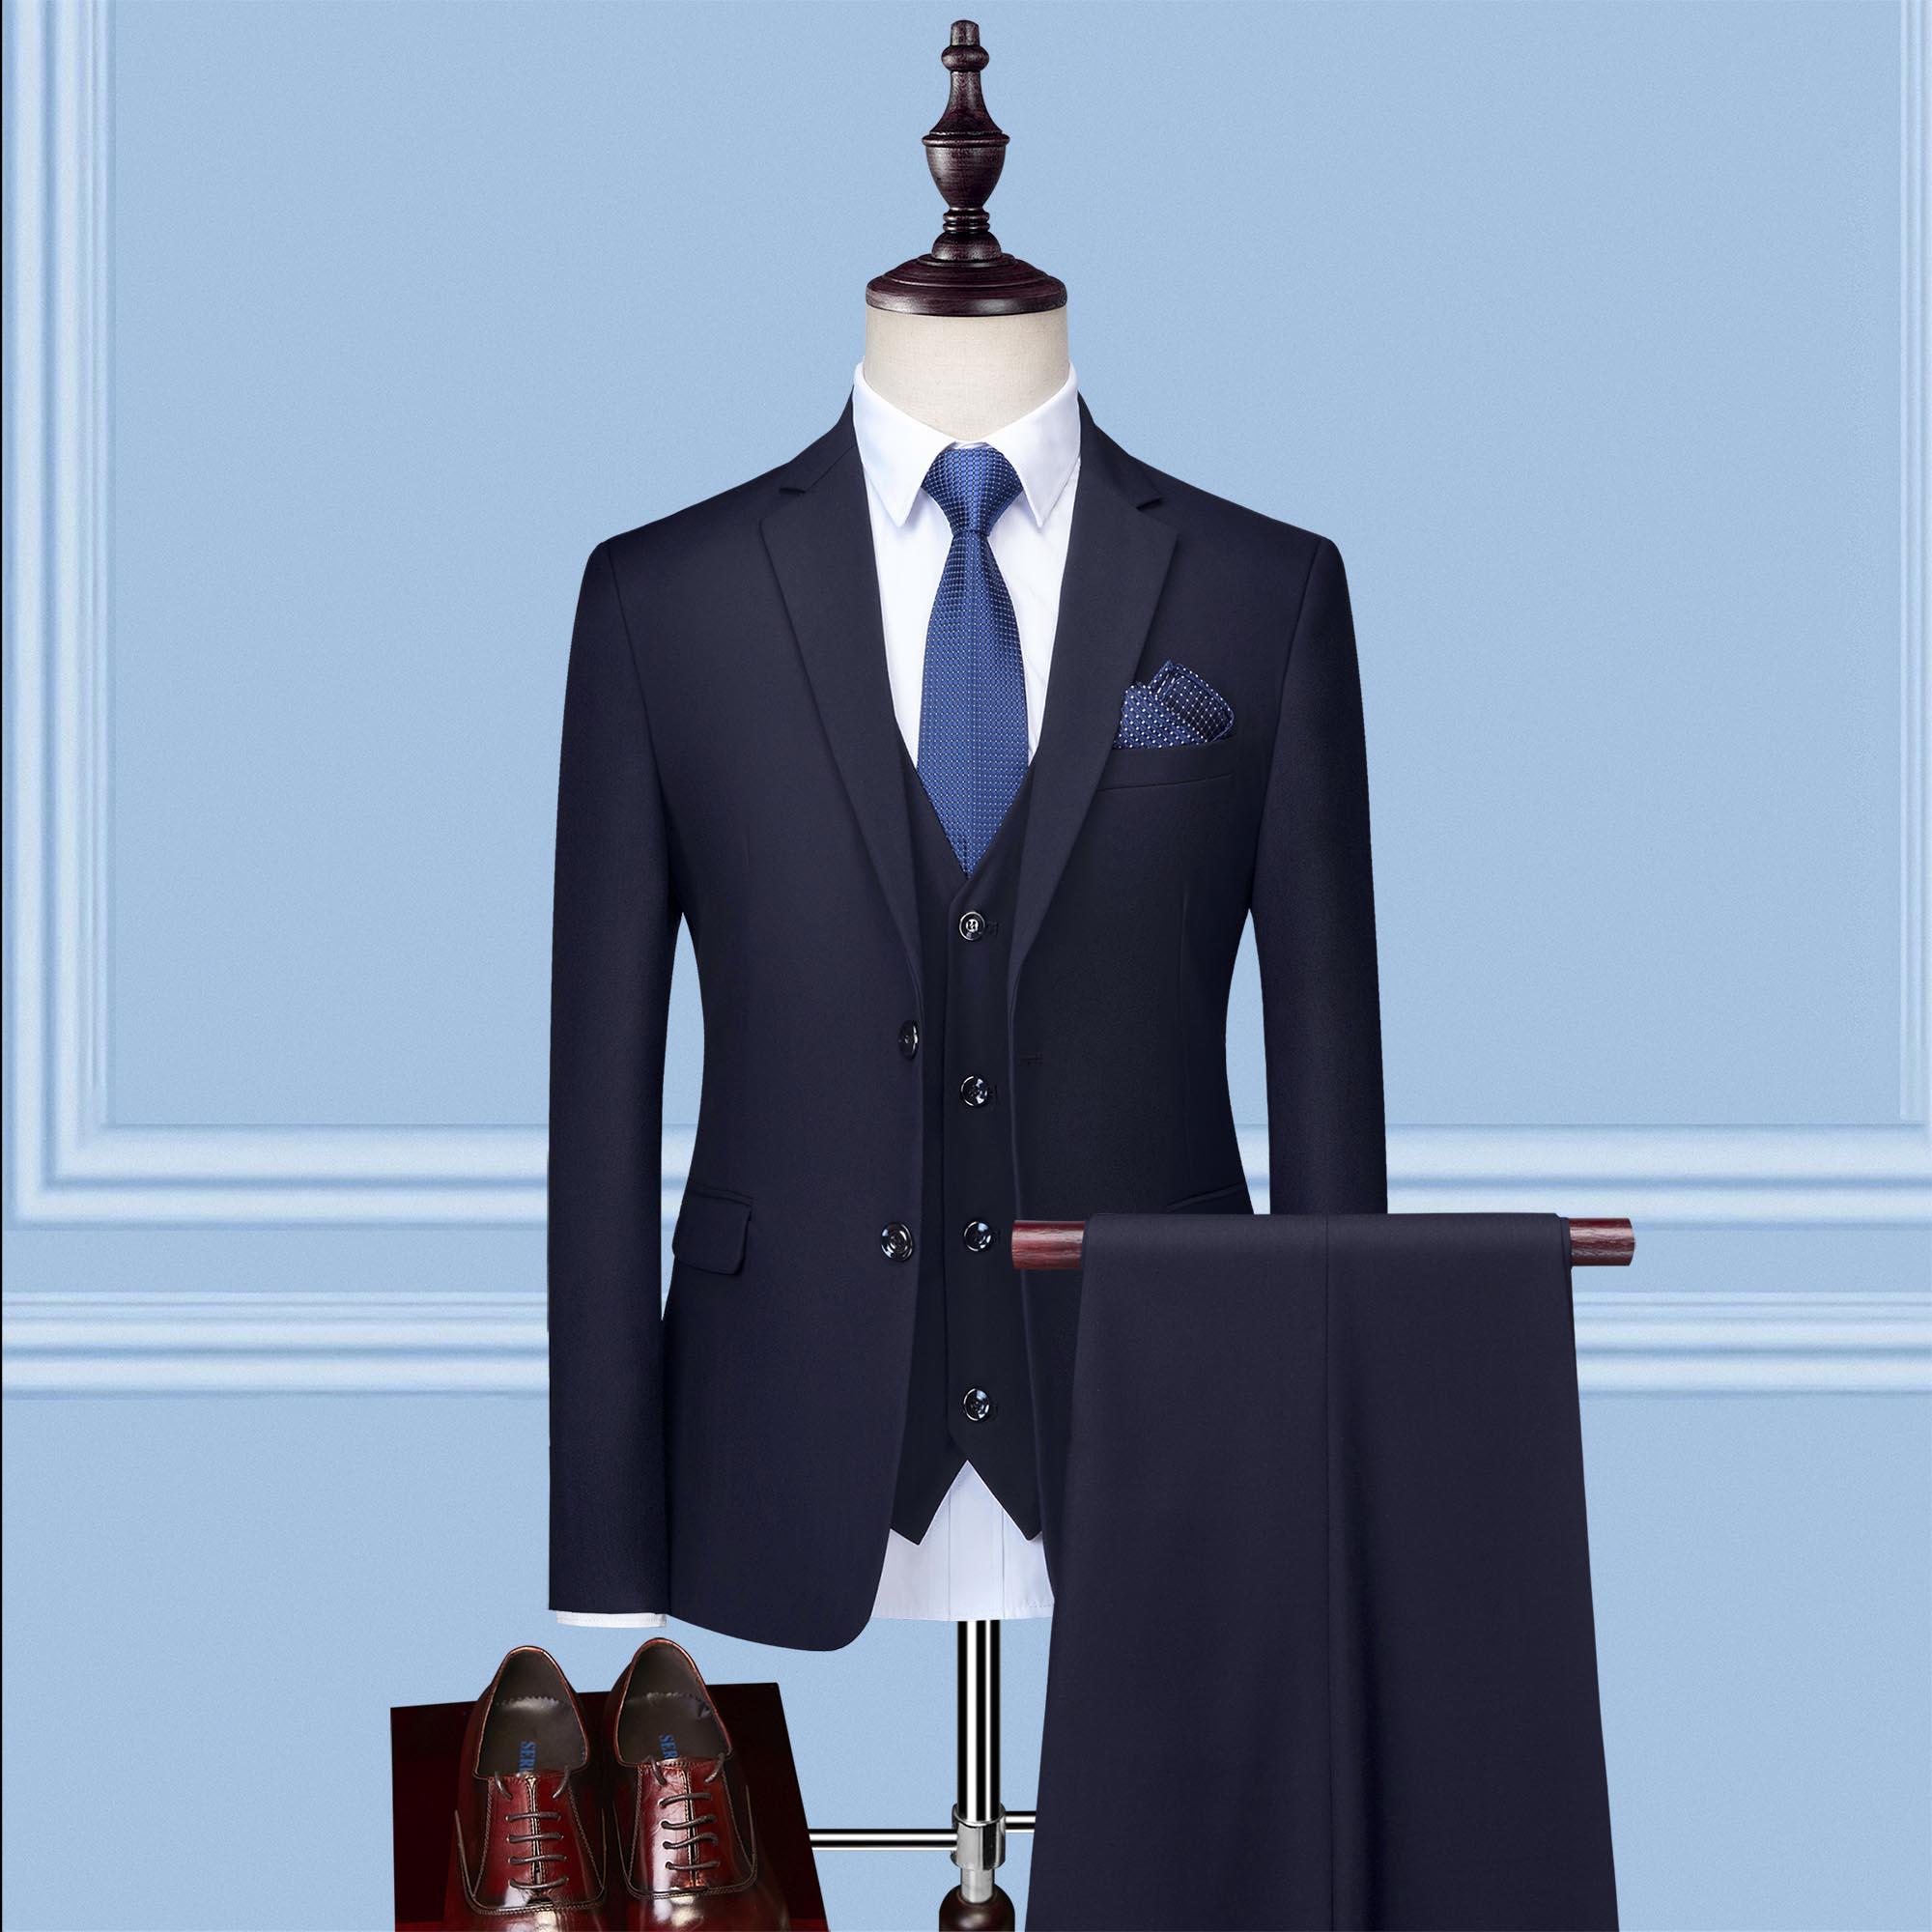 西服职业套装男士修身职业上班正装伴郎团新郎结婚礼服西装服装